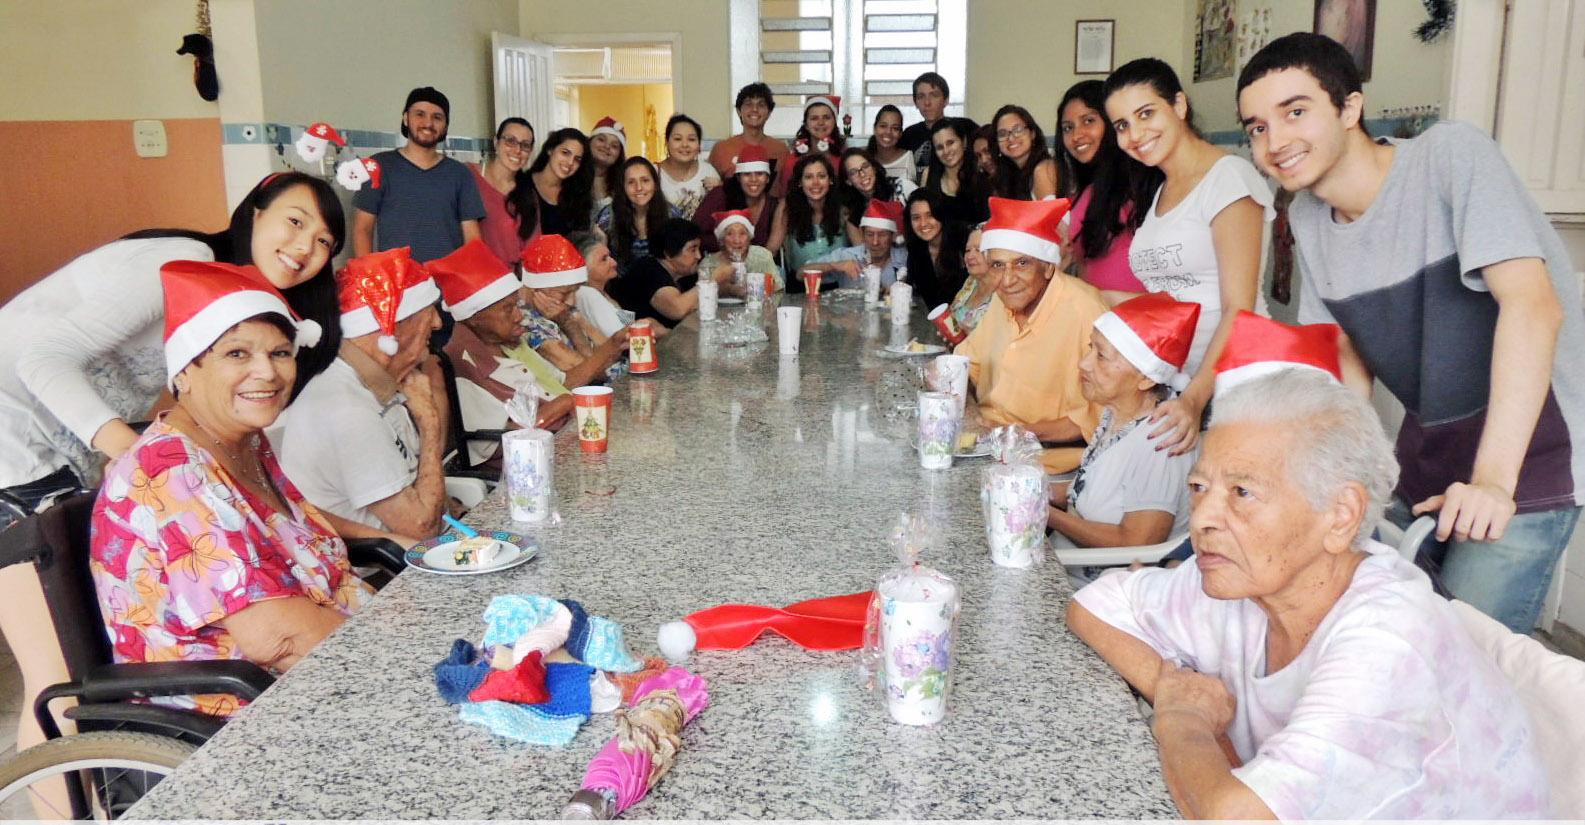 Grupo de universitários presenteiam idosos no Natal; projeto busca arrecadar verba para compra de cadeira de rodas (Foto: Divulgação / USP)